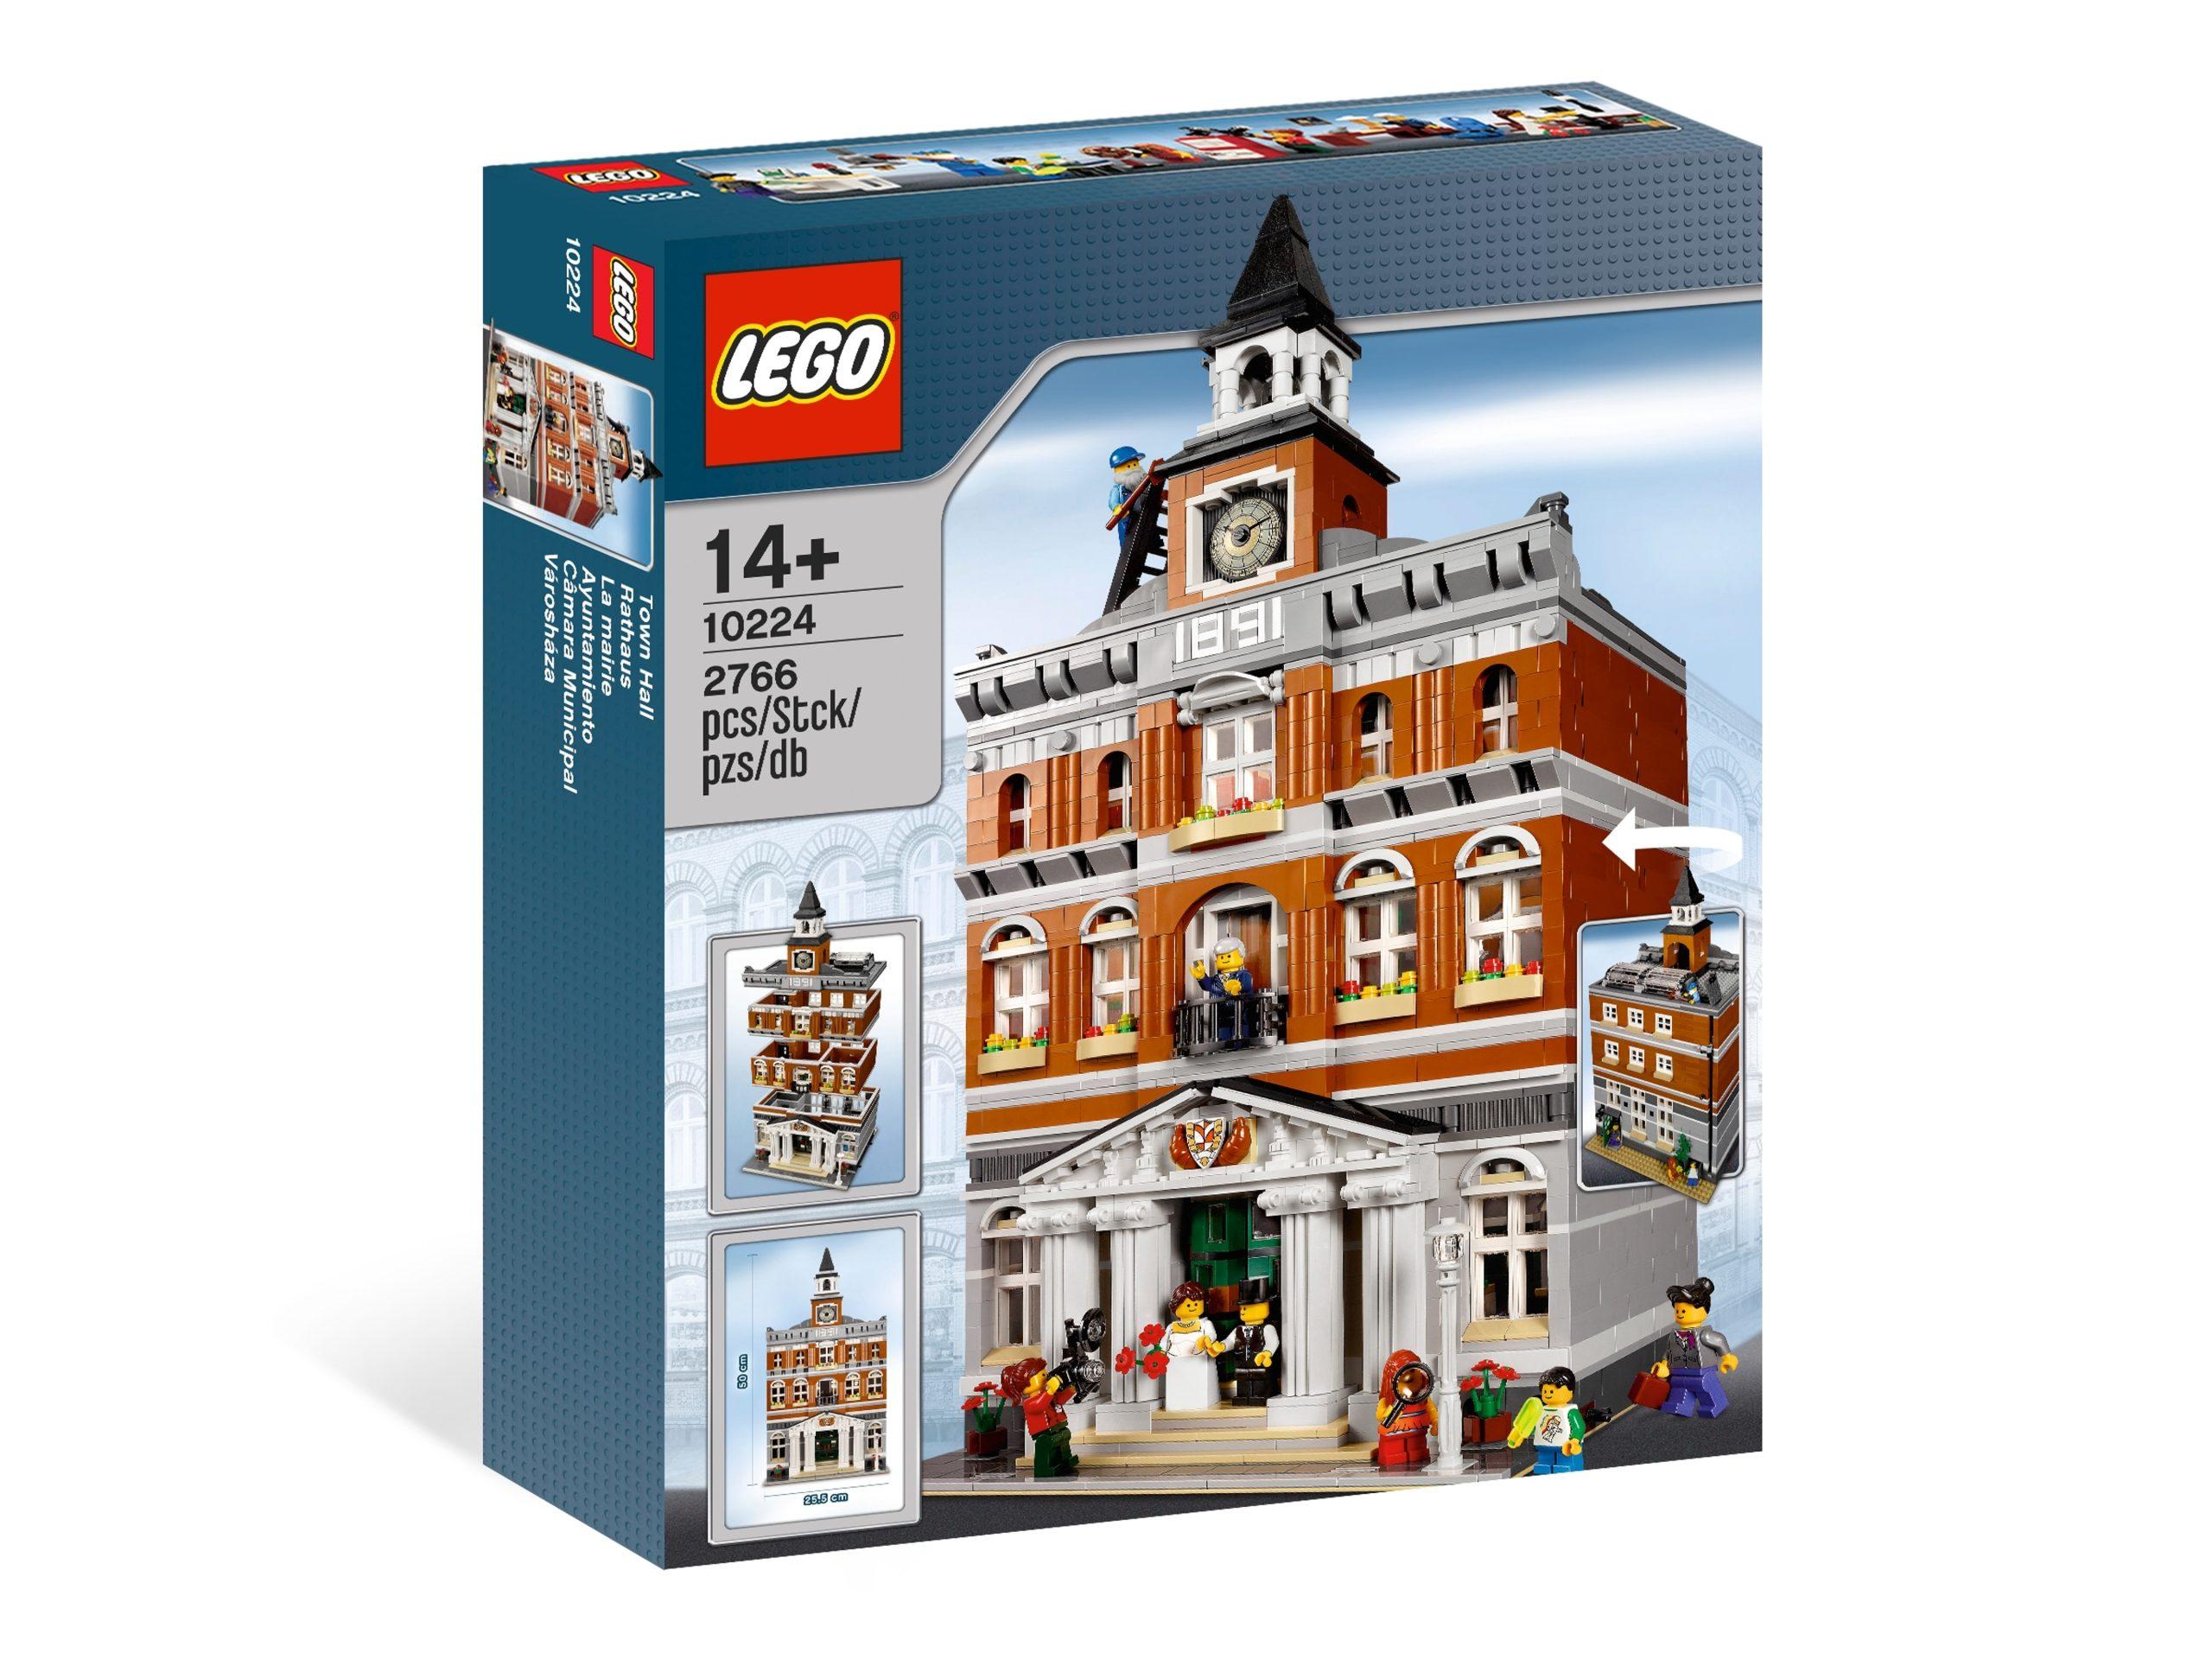 lego 10224 la mairie scaled